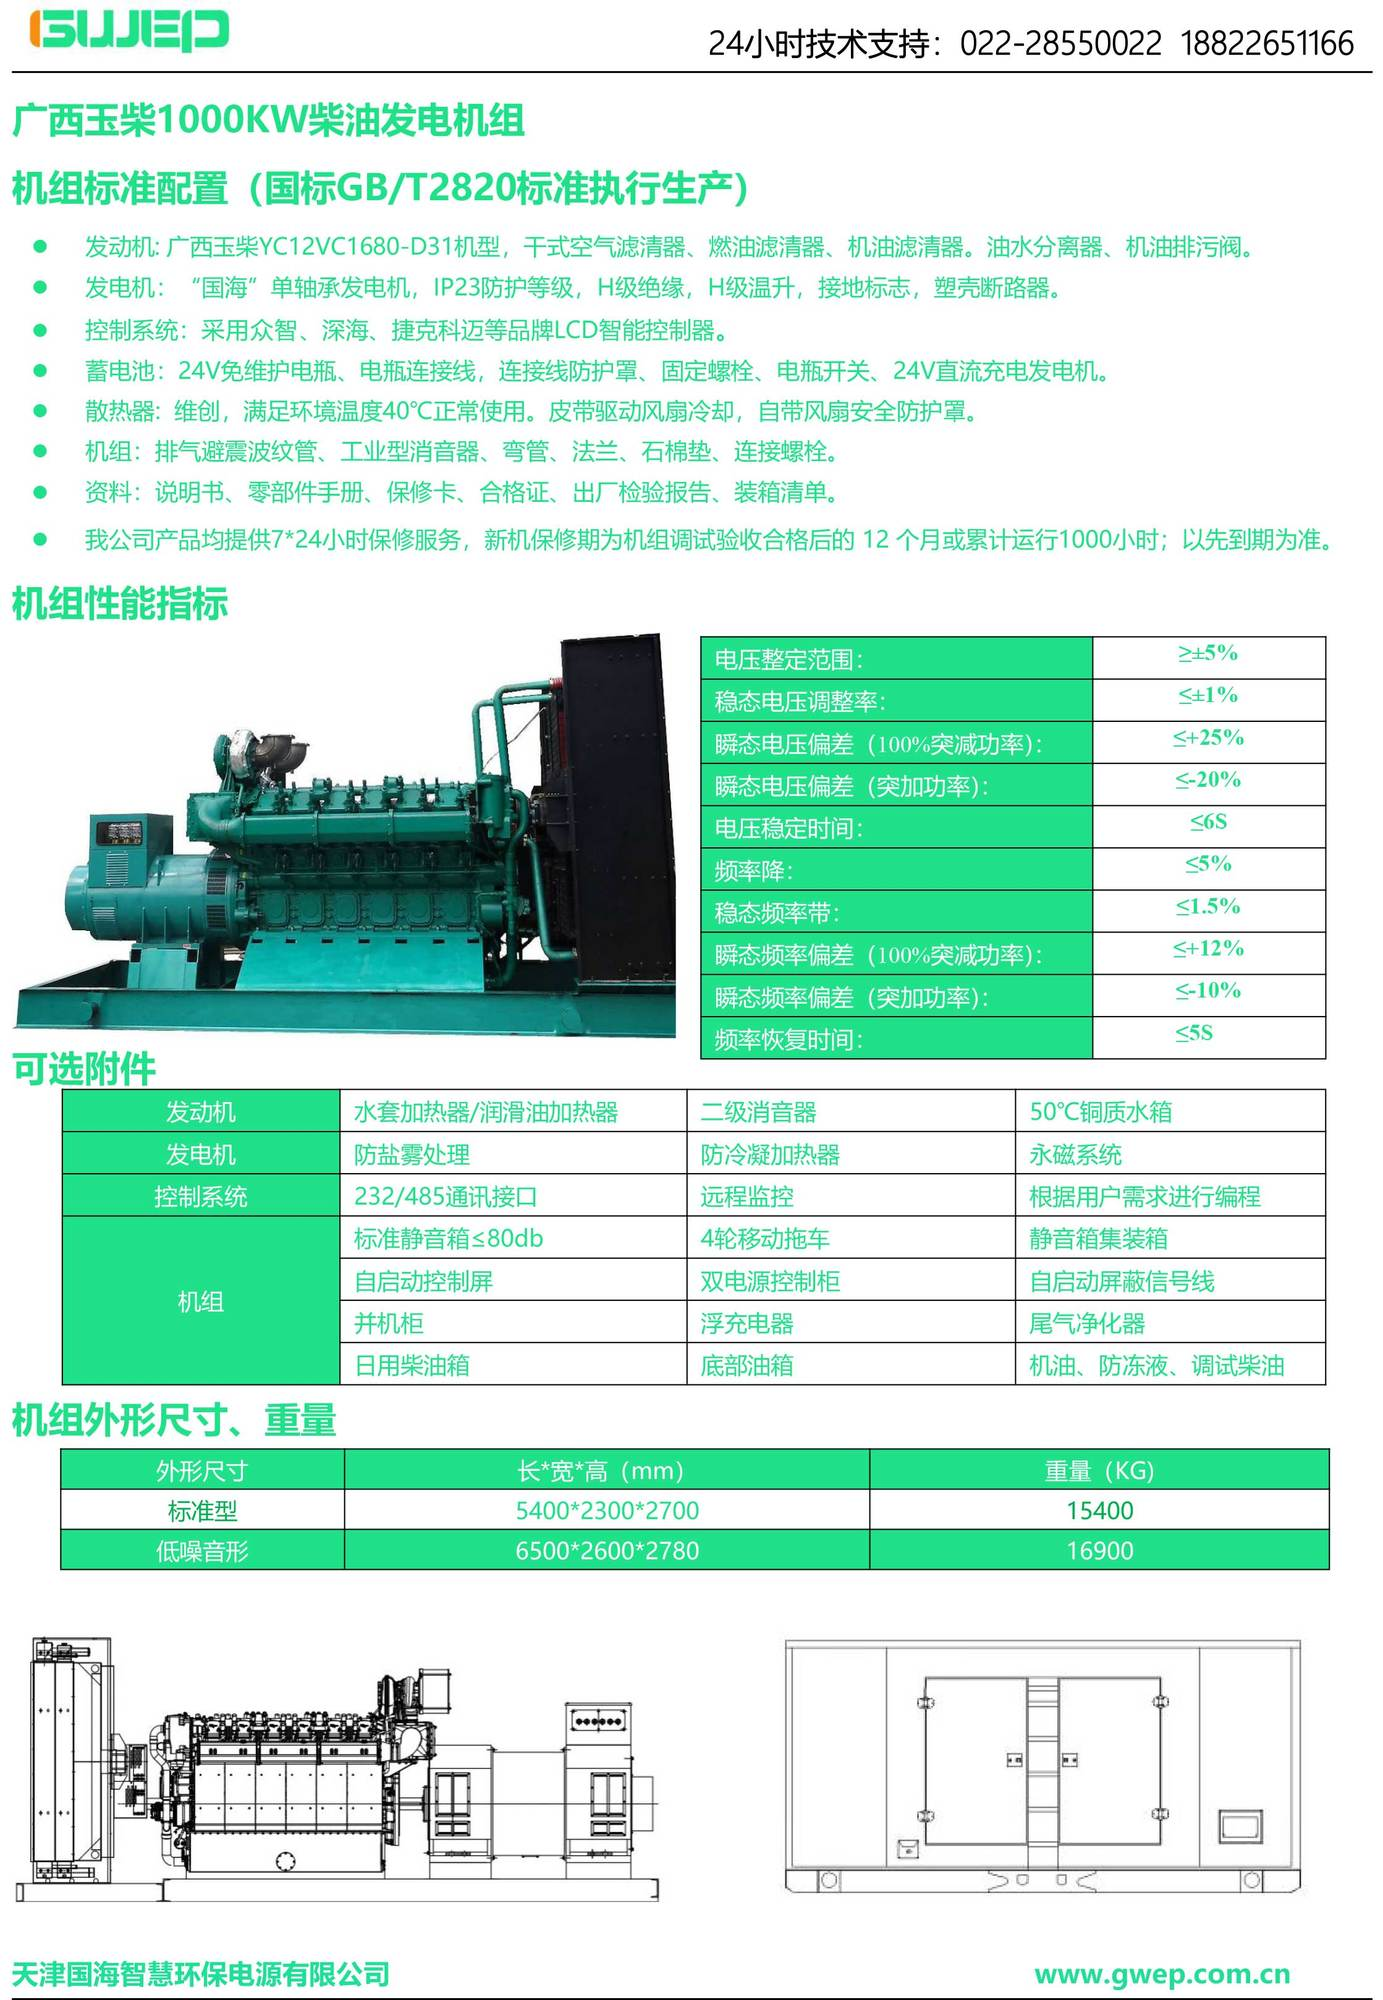 玉柴1000KW发电机组技术资料-1.jpg